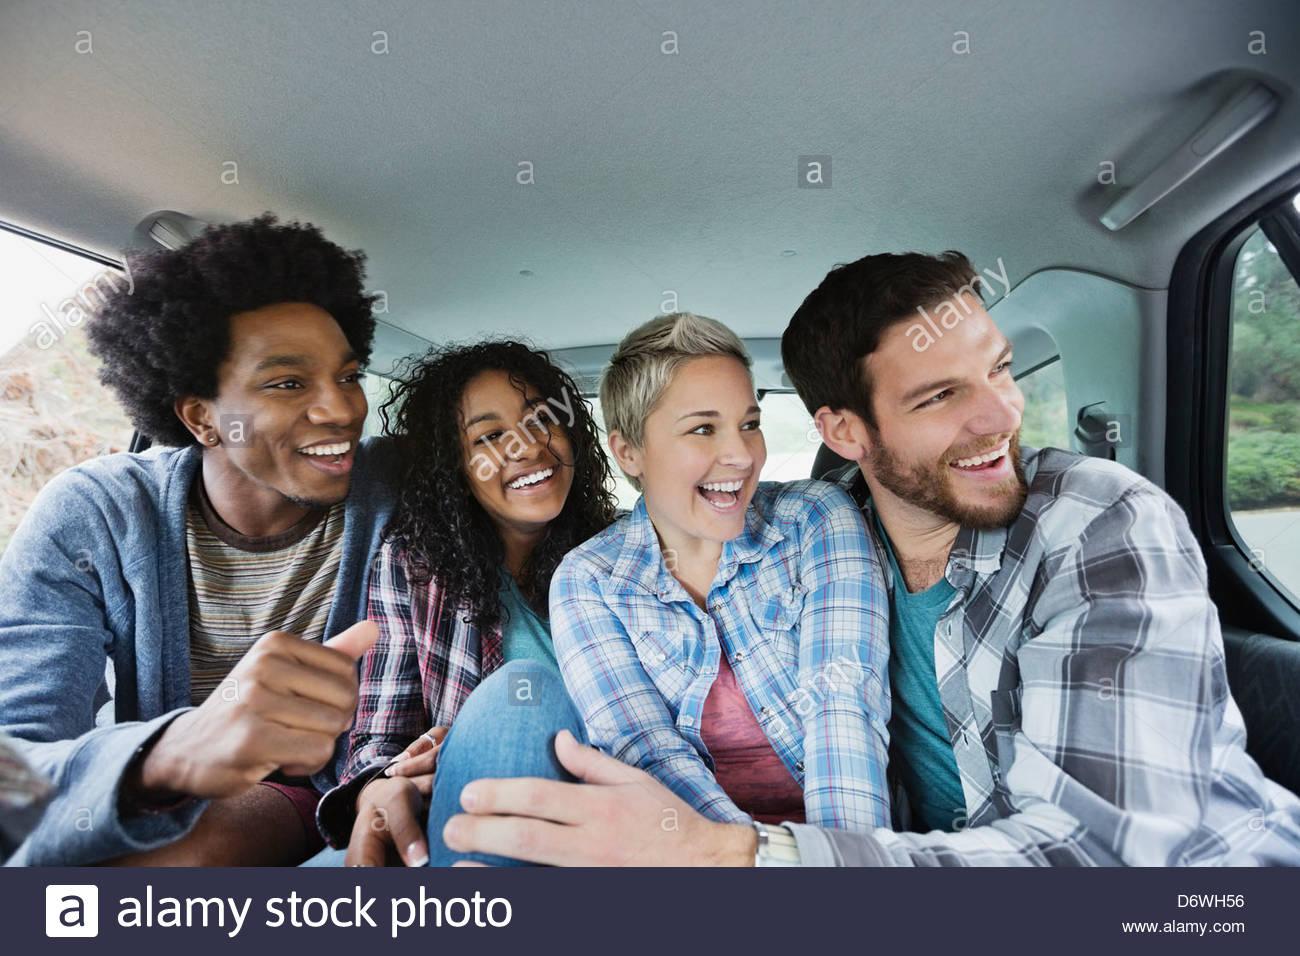 Alegre amigos disfrutando de Road Trip. Imagen De Stock